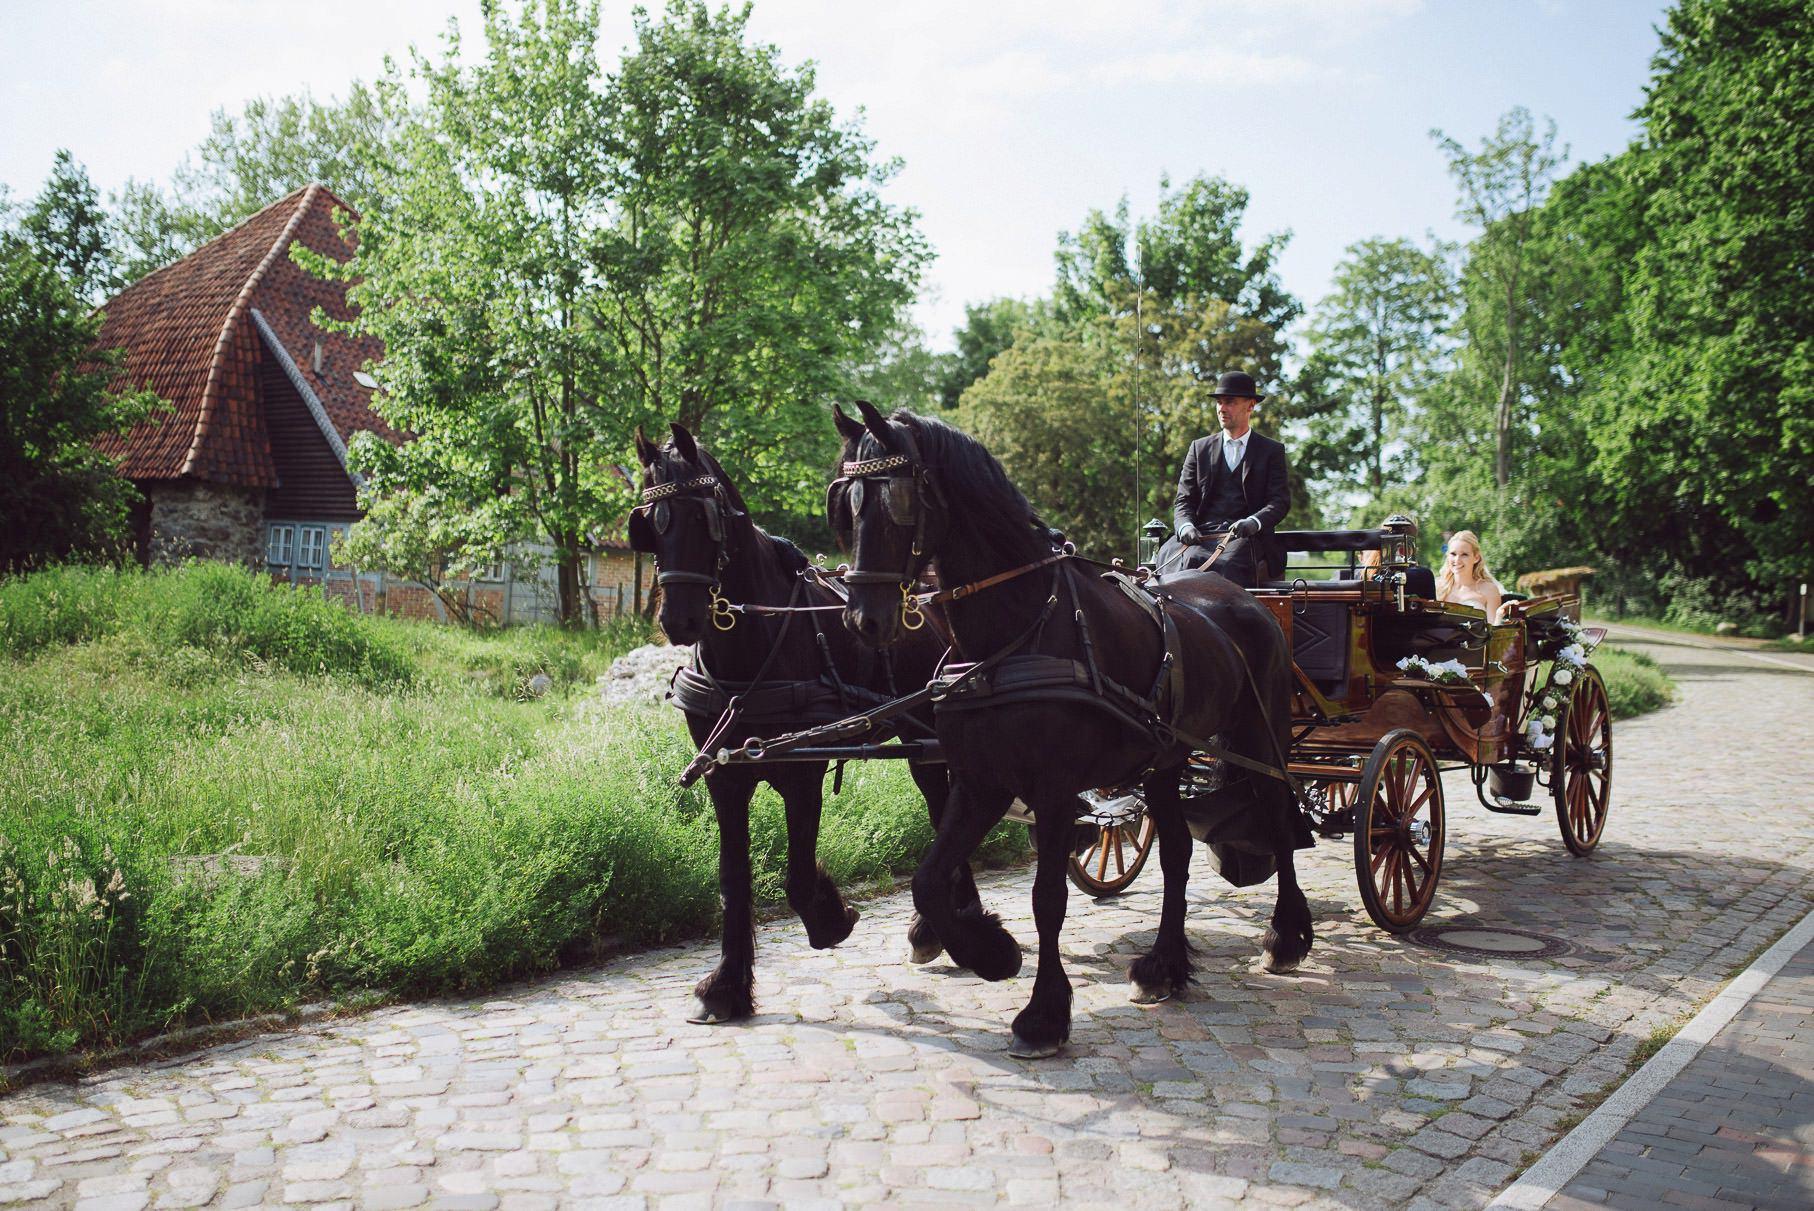 0056 jus 811 9953 - Hochzeit im Wasserturm Lüneburg - Jenny & Sascha